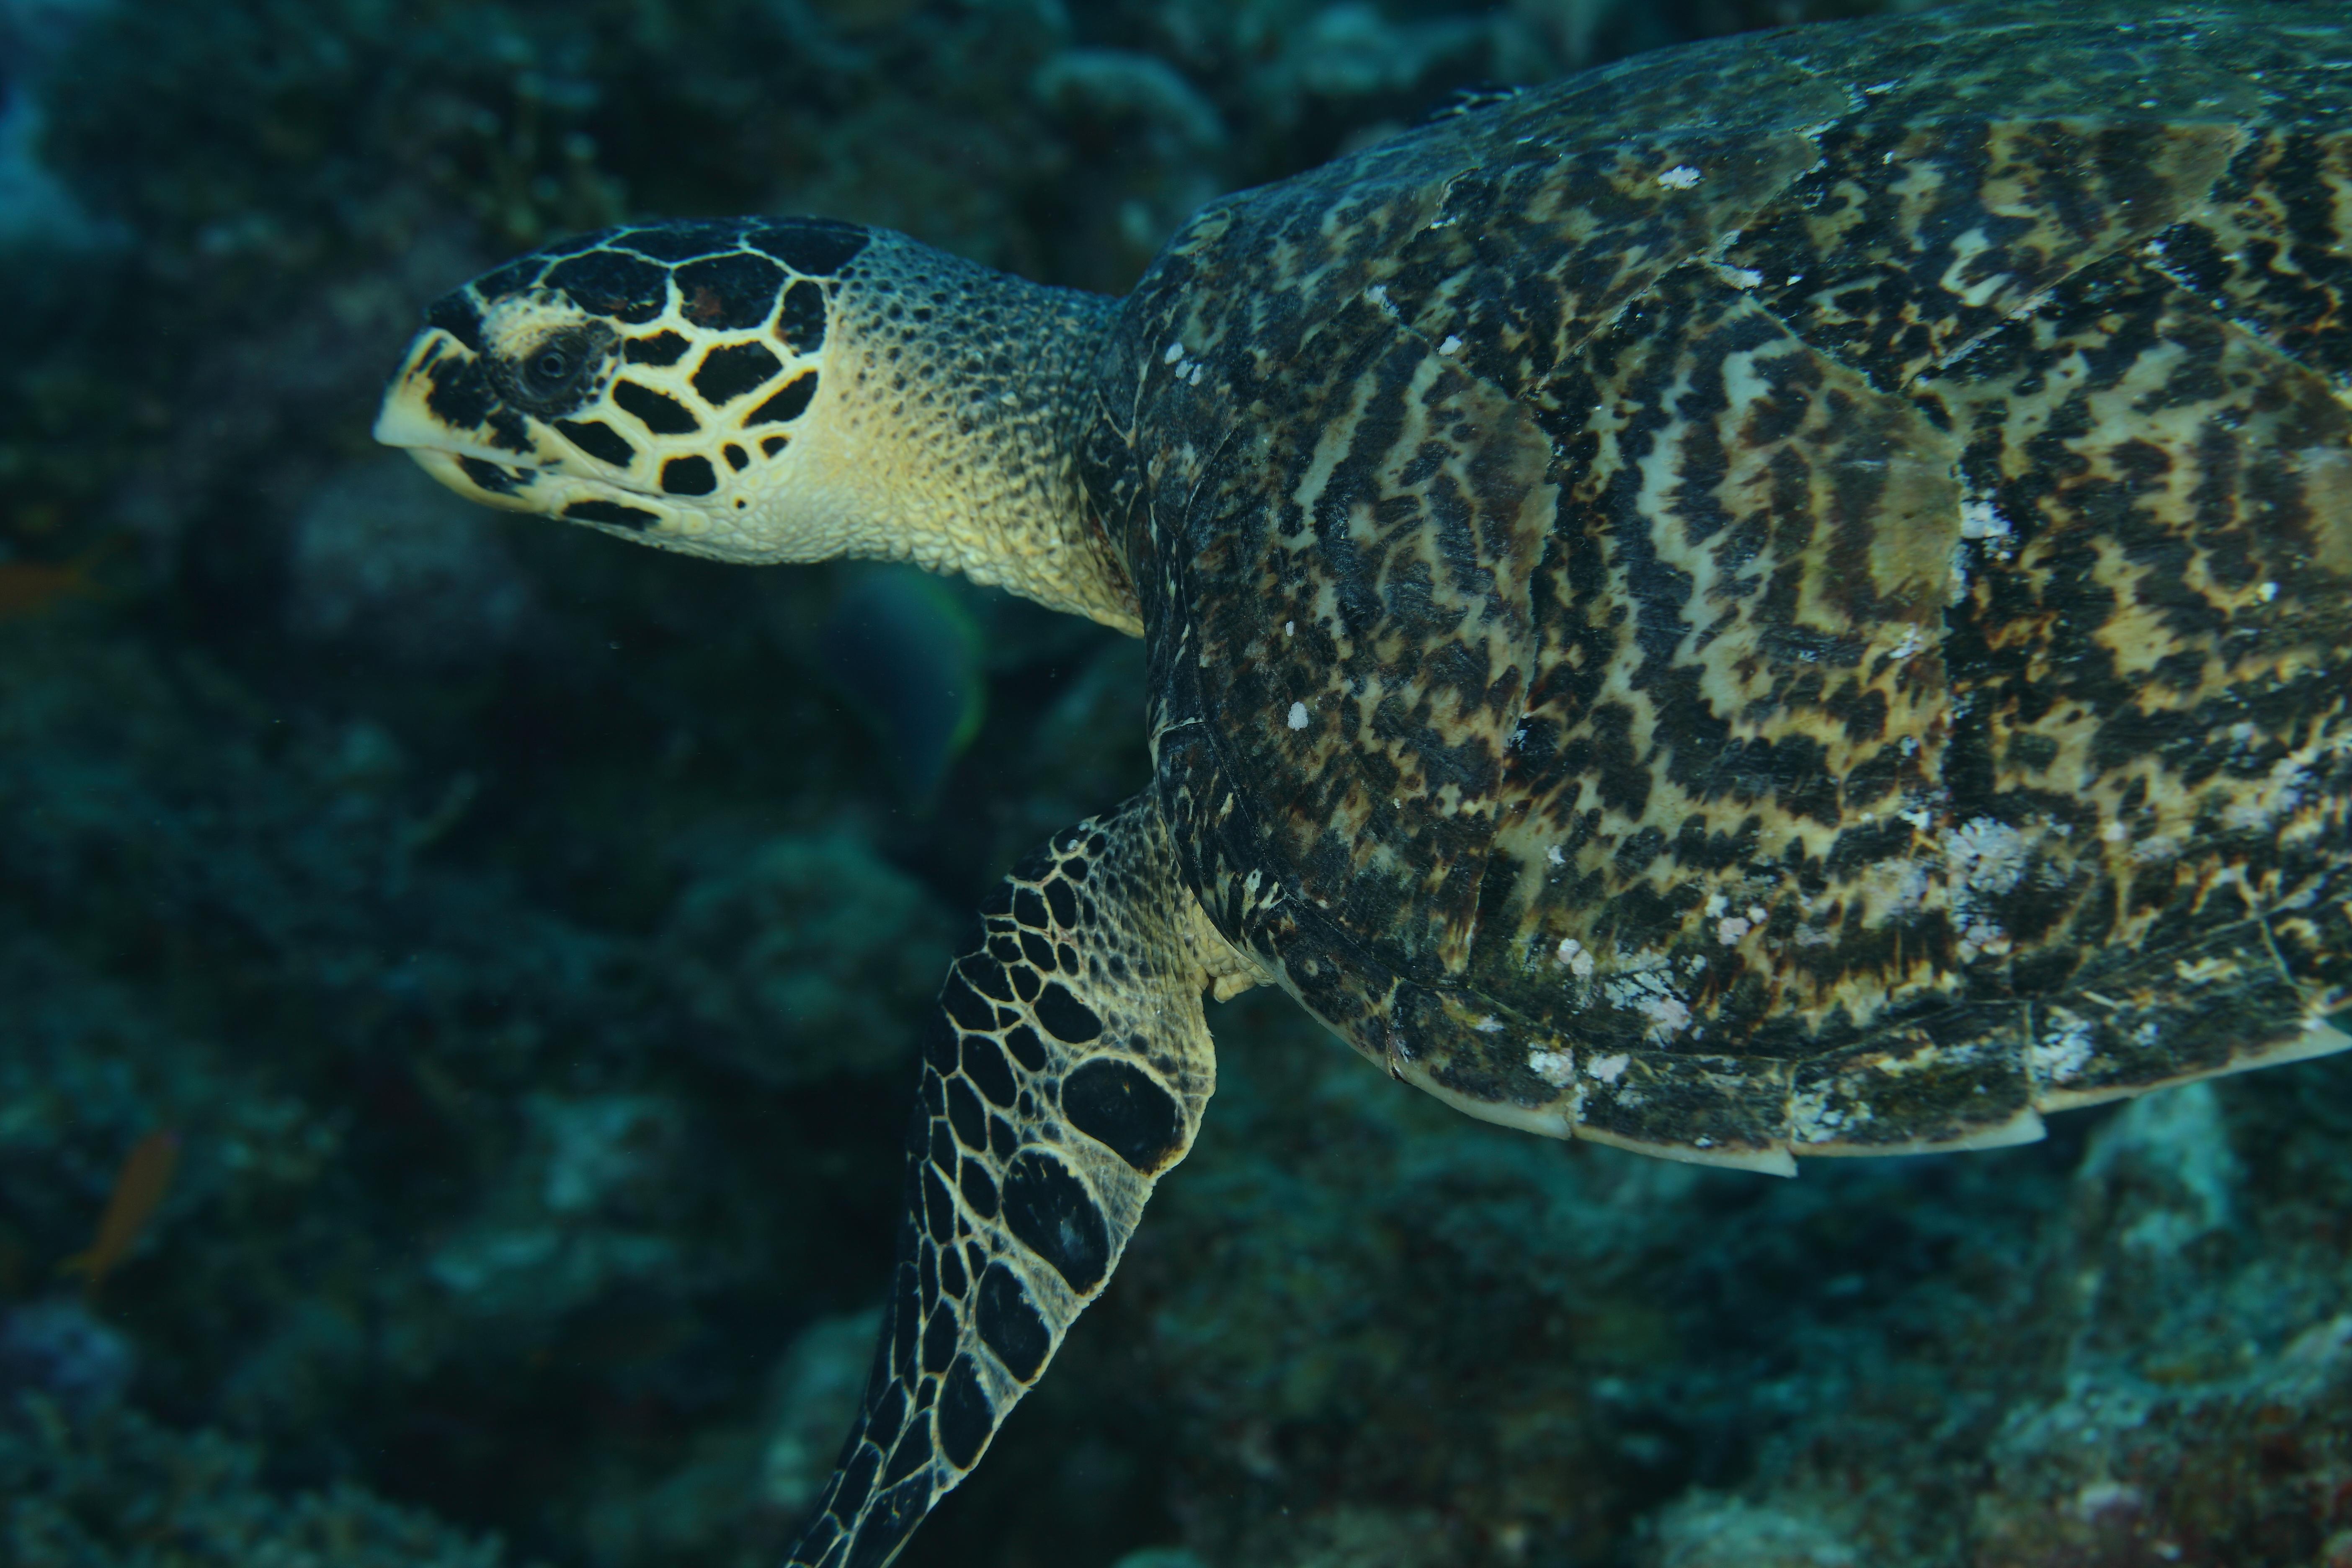 Turtle_1824-001